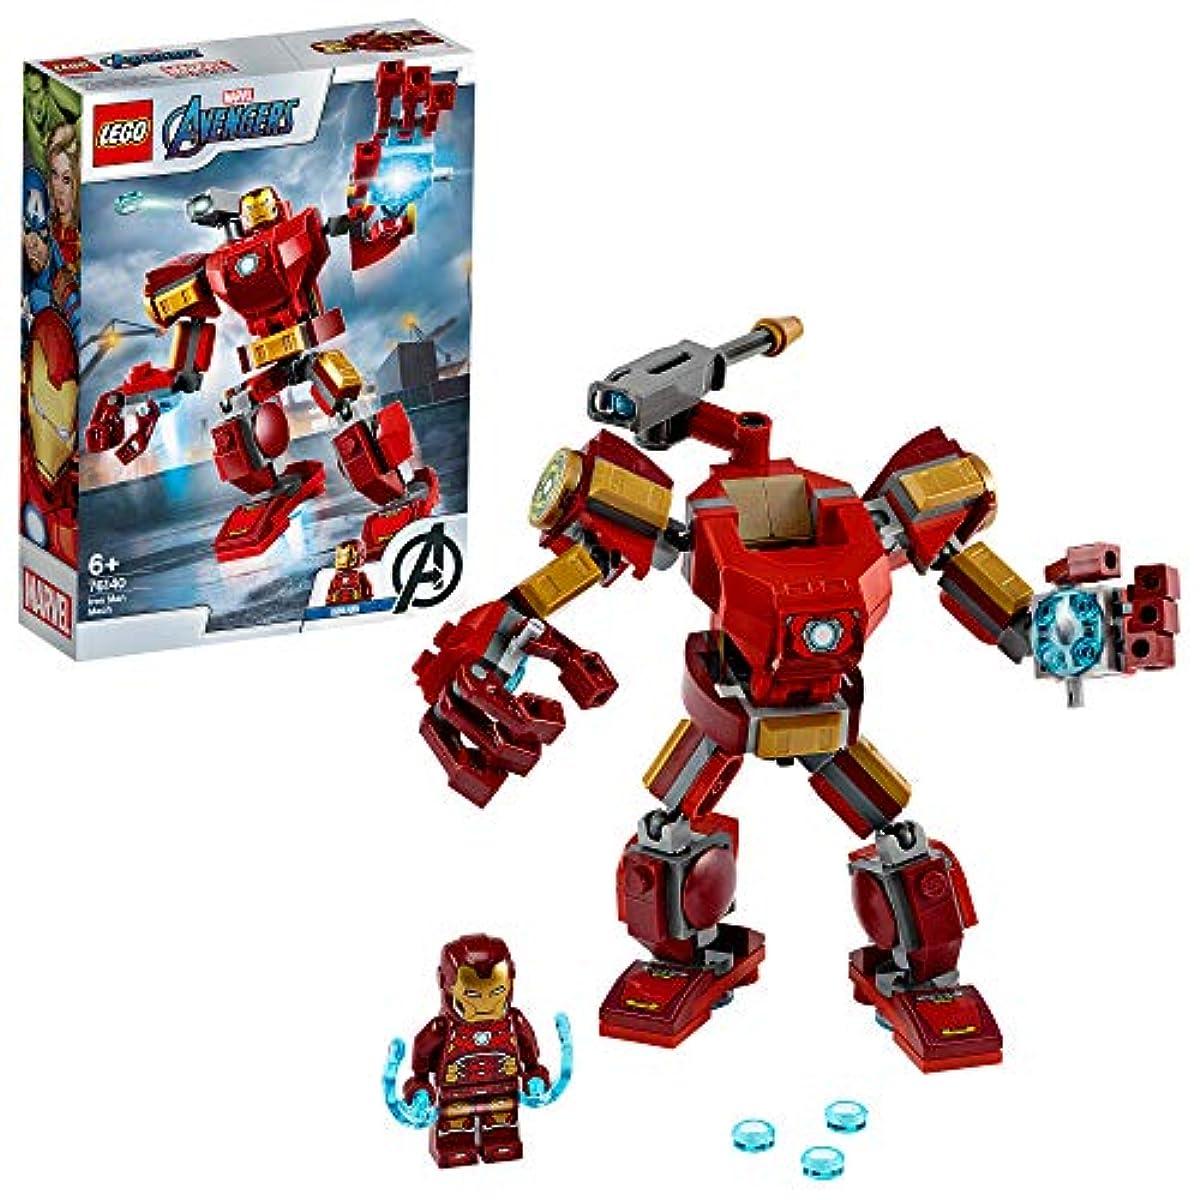 [해외] 레고 어벤져스 아이언맨 맥 로봇 76140